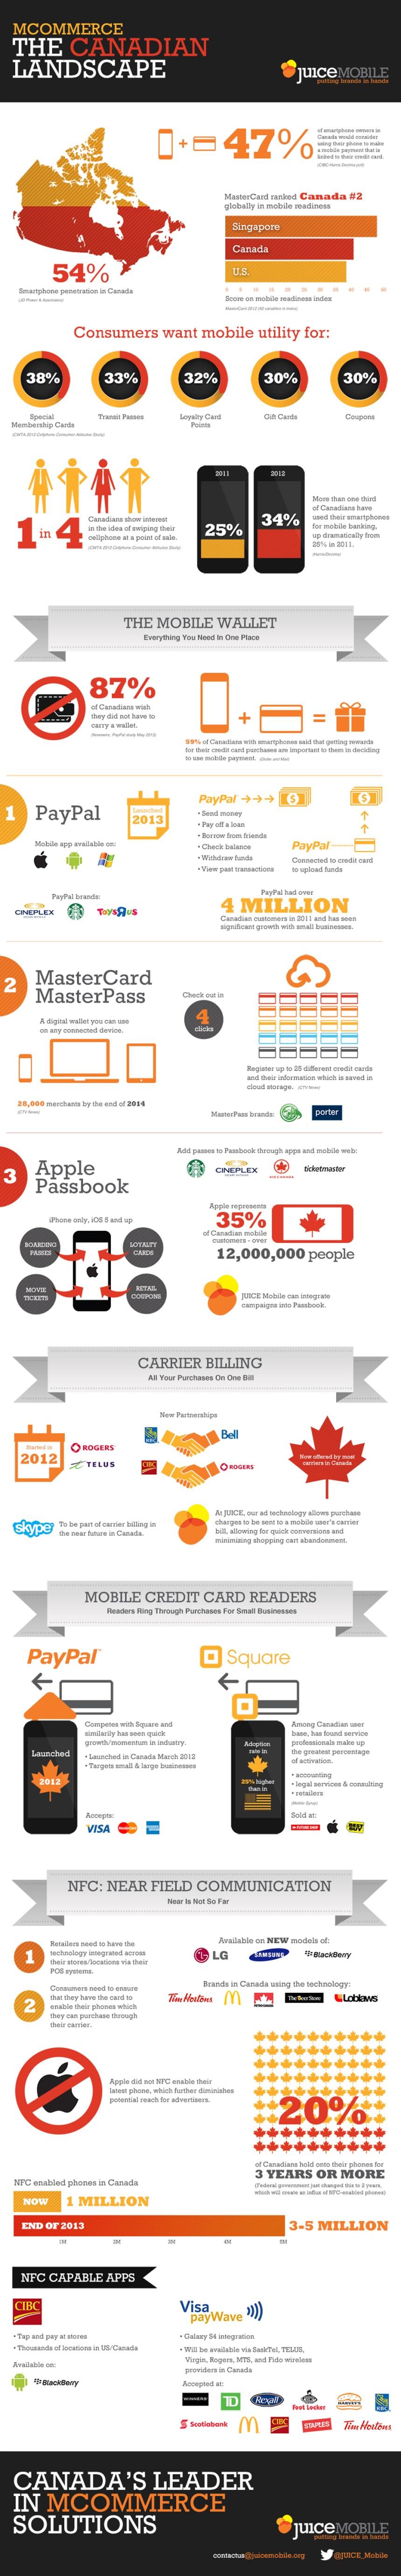 Comercio móvil en Canadá